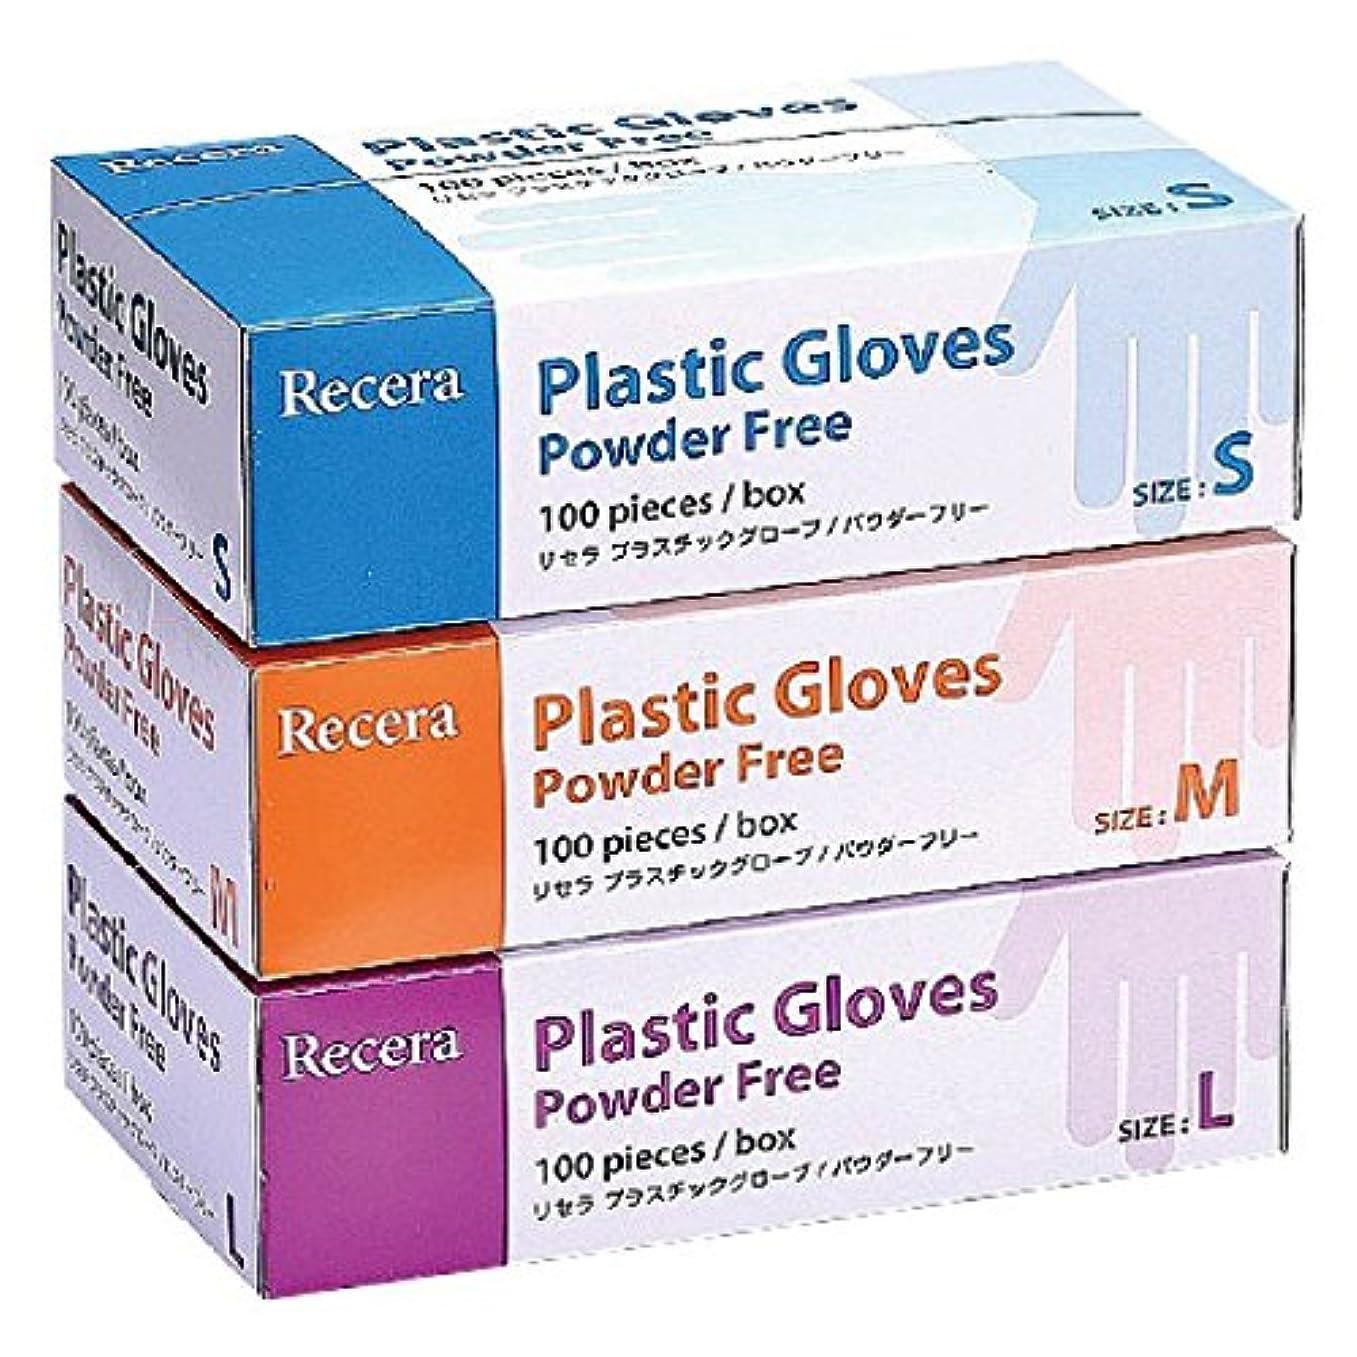 リセラ プラスチックグローブ(パウダーフリー) Sサイズ 1箱(100枚入)